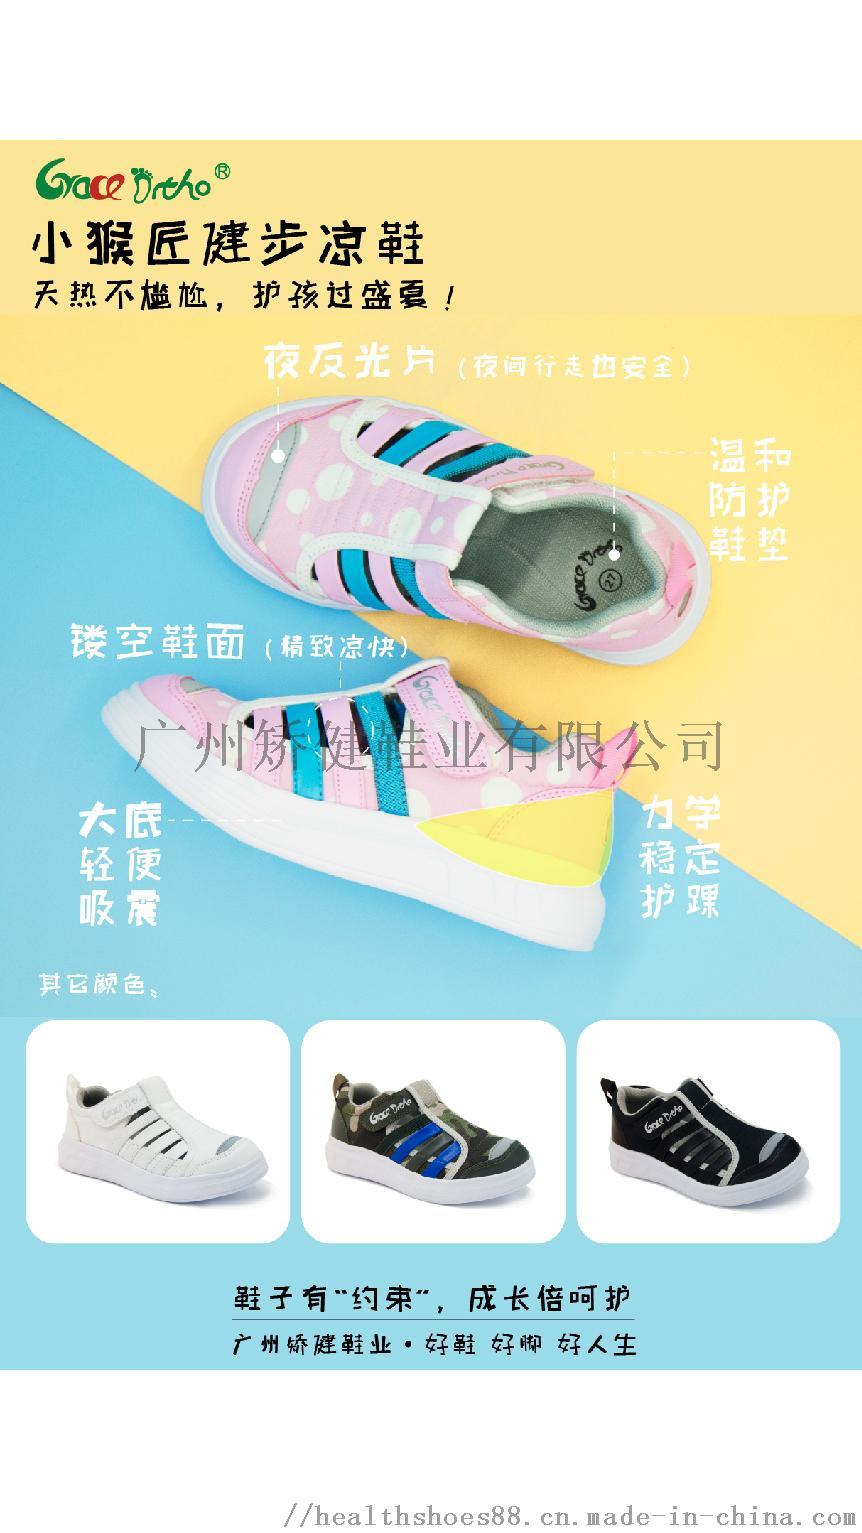 現款鞋單頁6-03.jpg